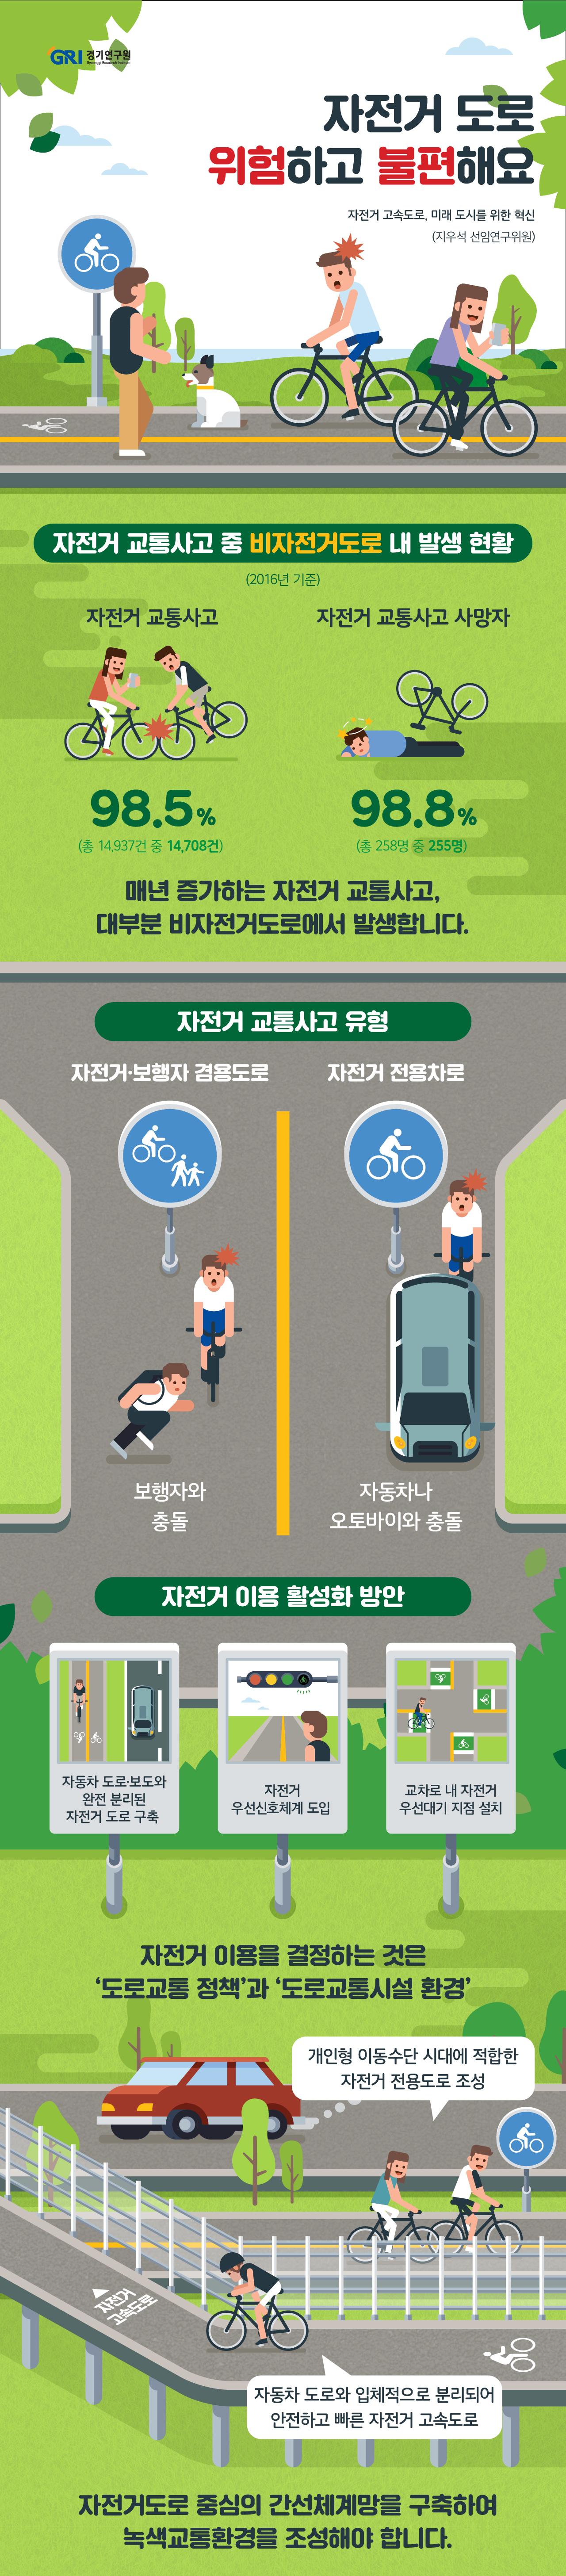 자전거 도로 위험하고 불편해요